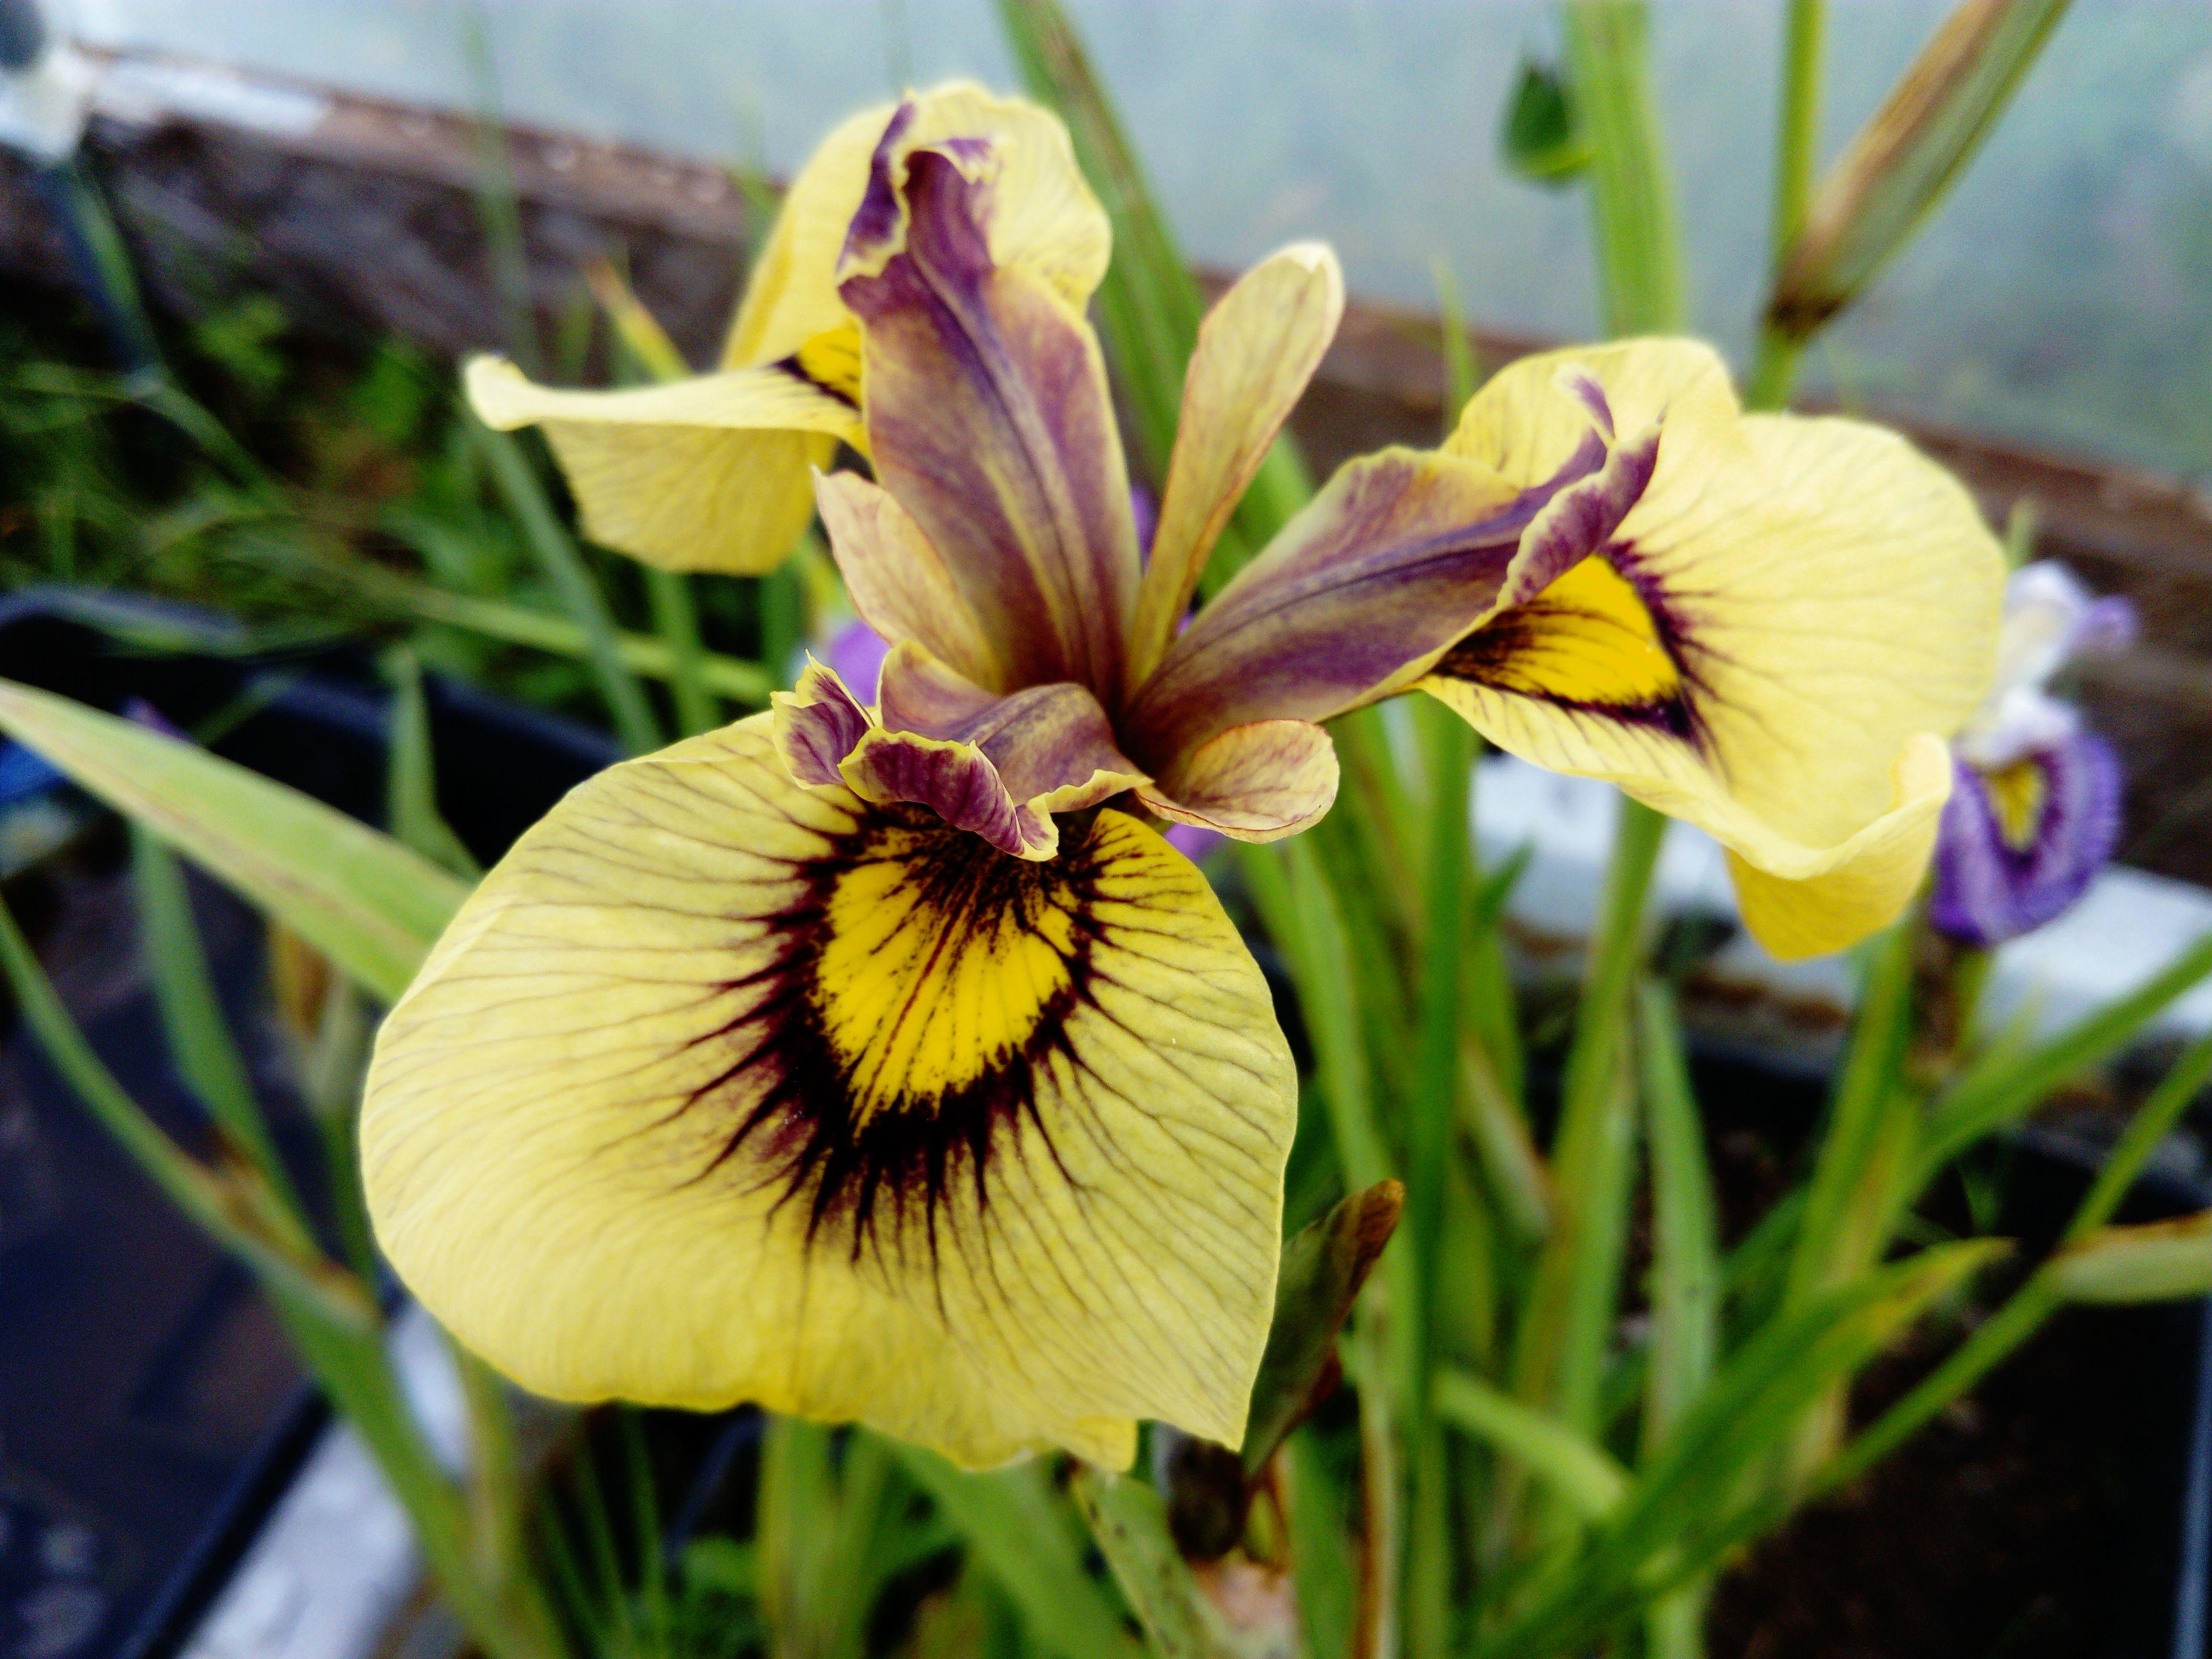 Iris pseudata iris pseudacorus x iris ensata iris pseudacorus iris pseudata iris pseudacorus x iris ensata izmirmasajfo